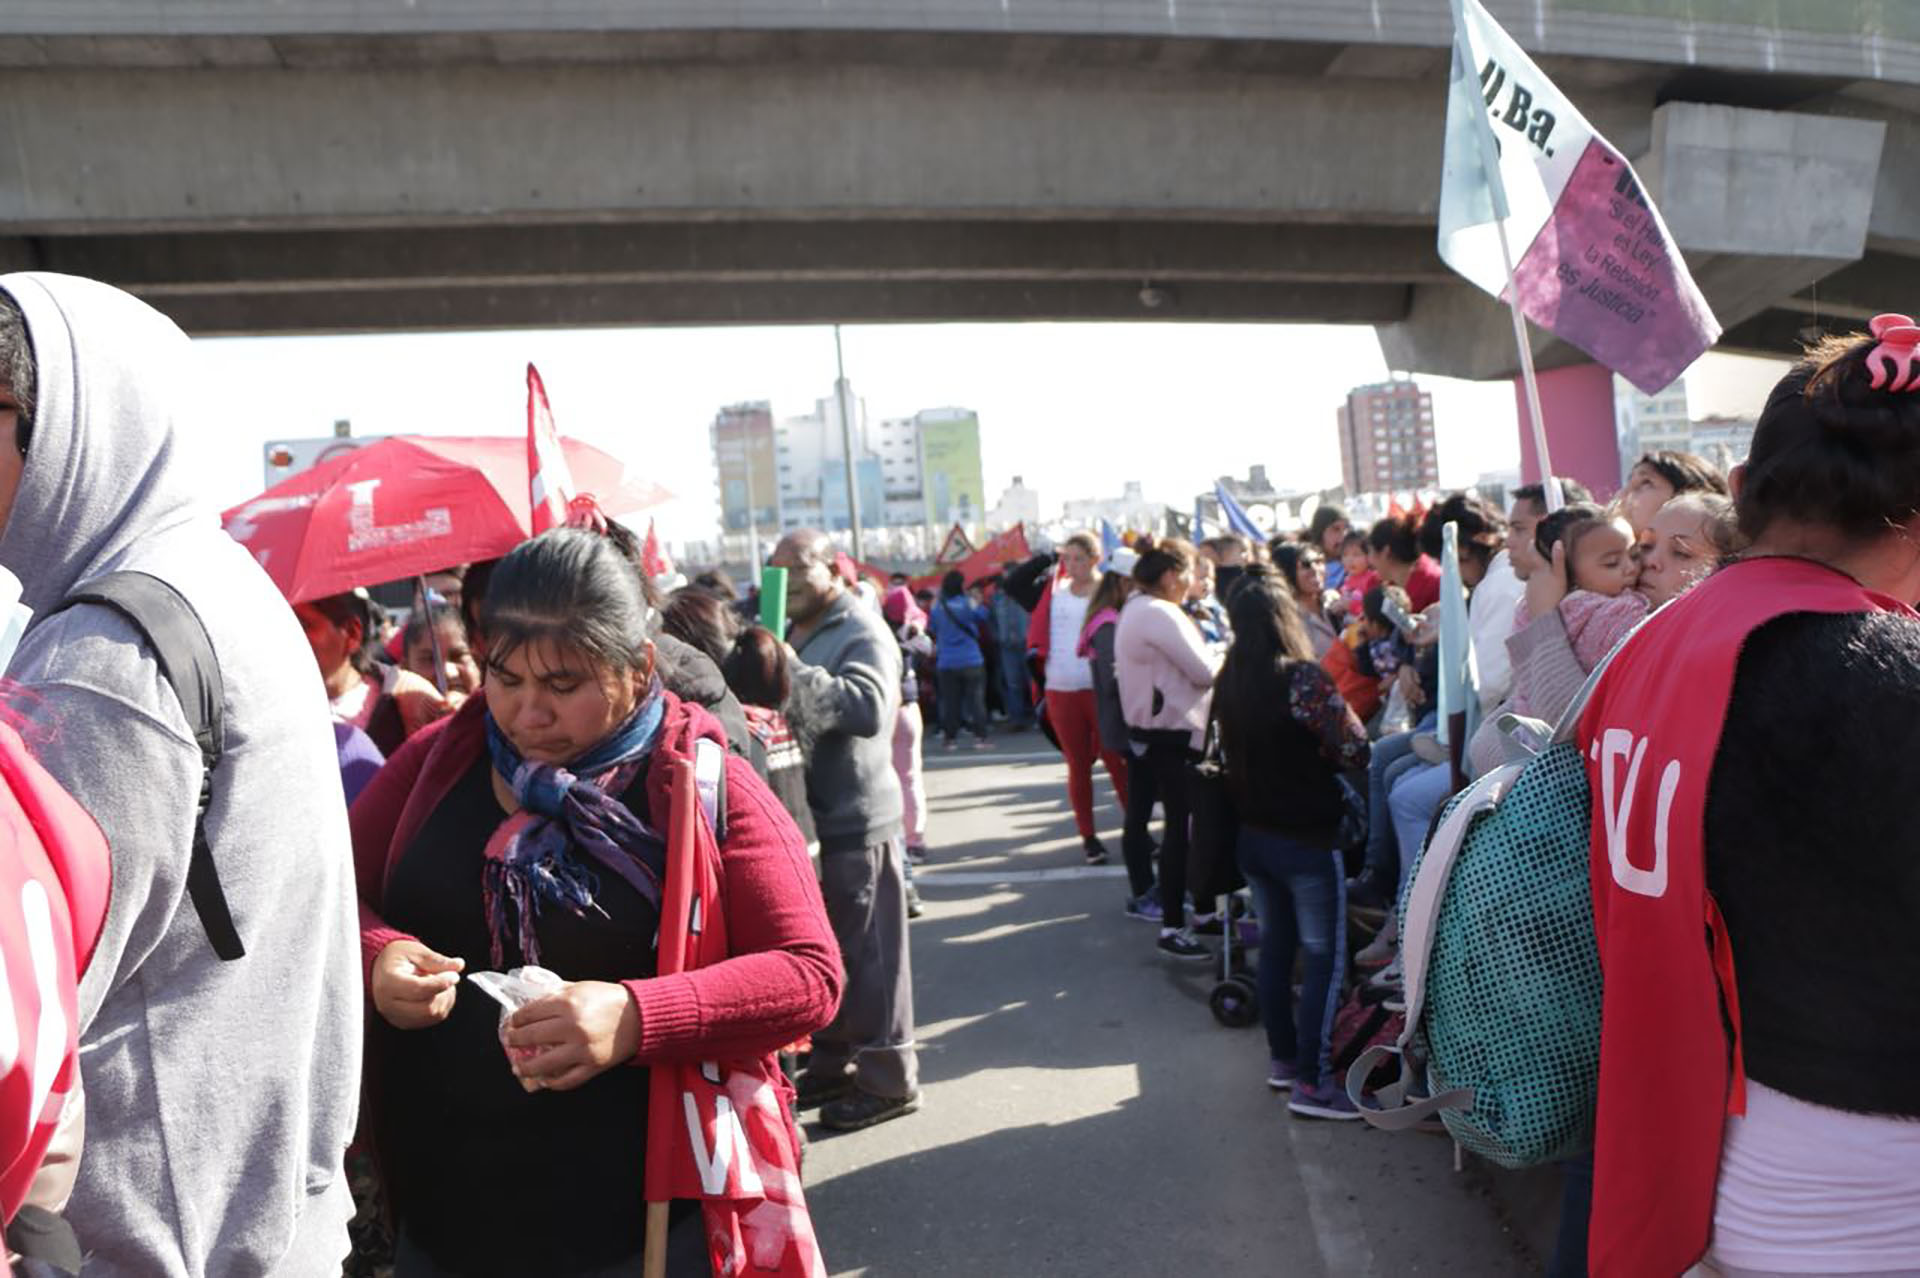 Los manifestantes cortaron la bajada durante el mediodía